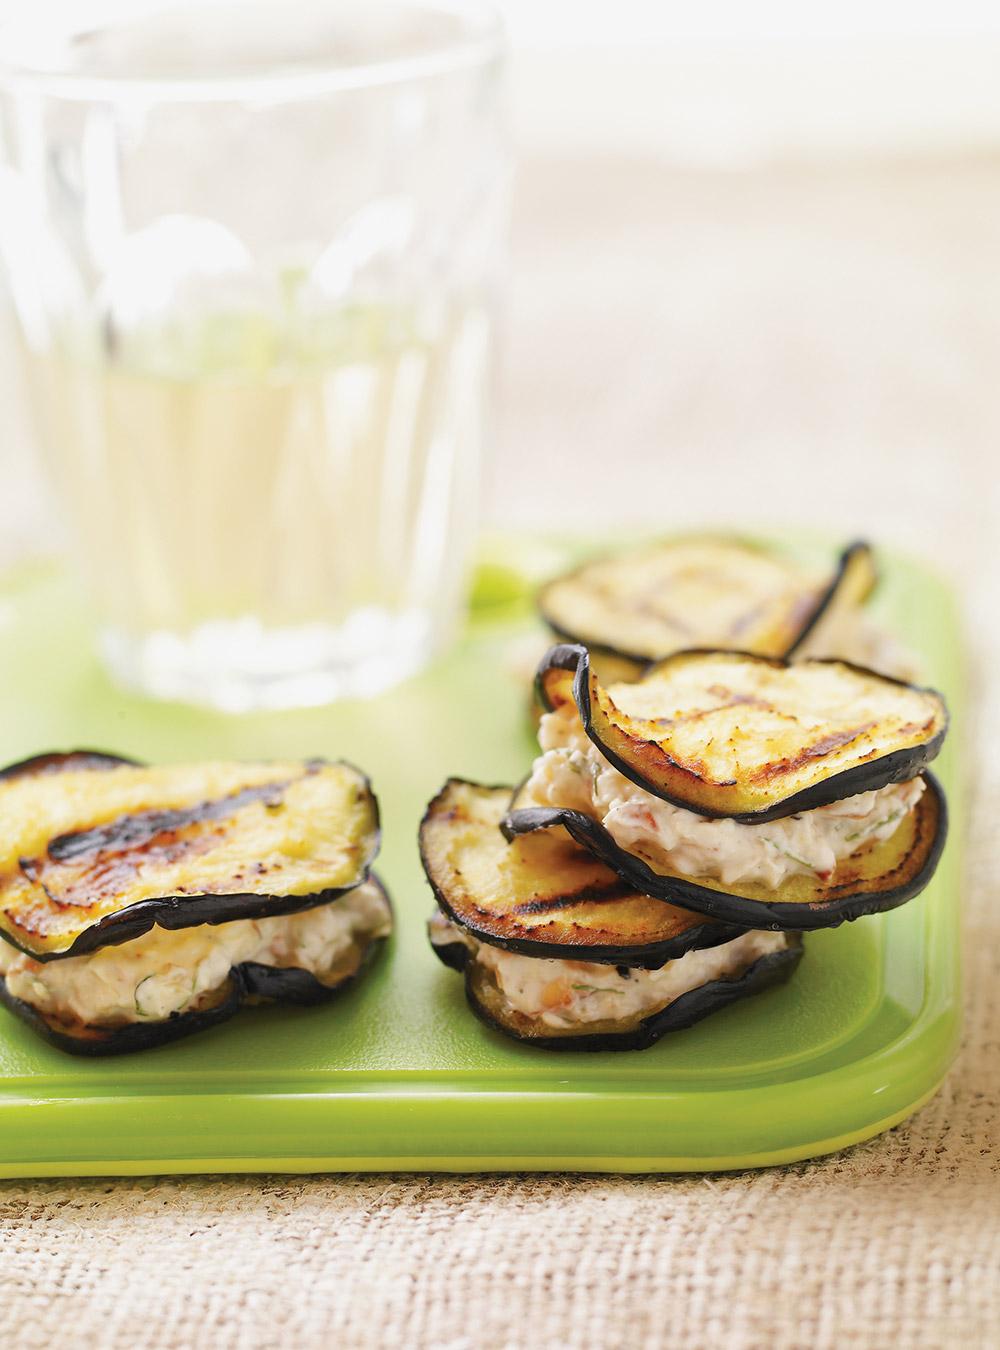 Bouchées d'aubergine grillées au yogourt et aux noix | ricardo